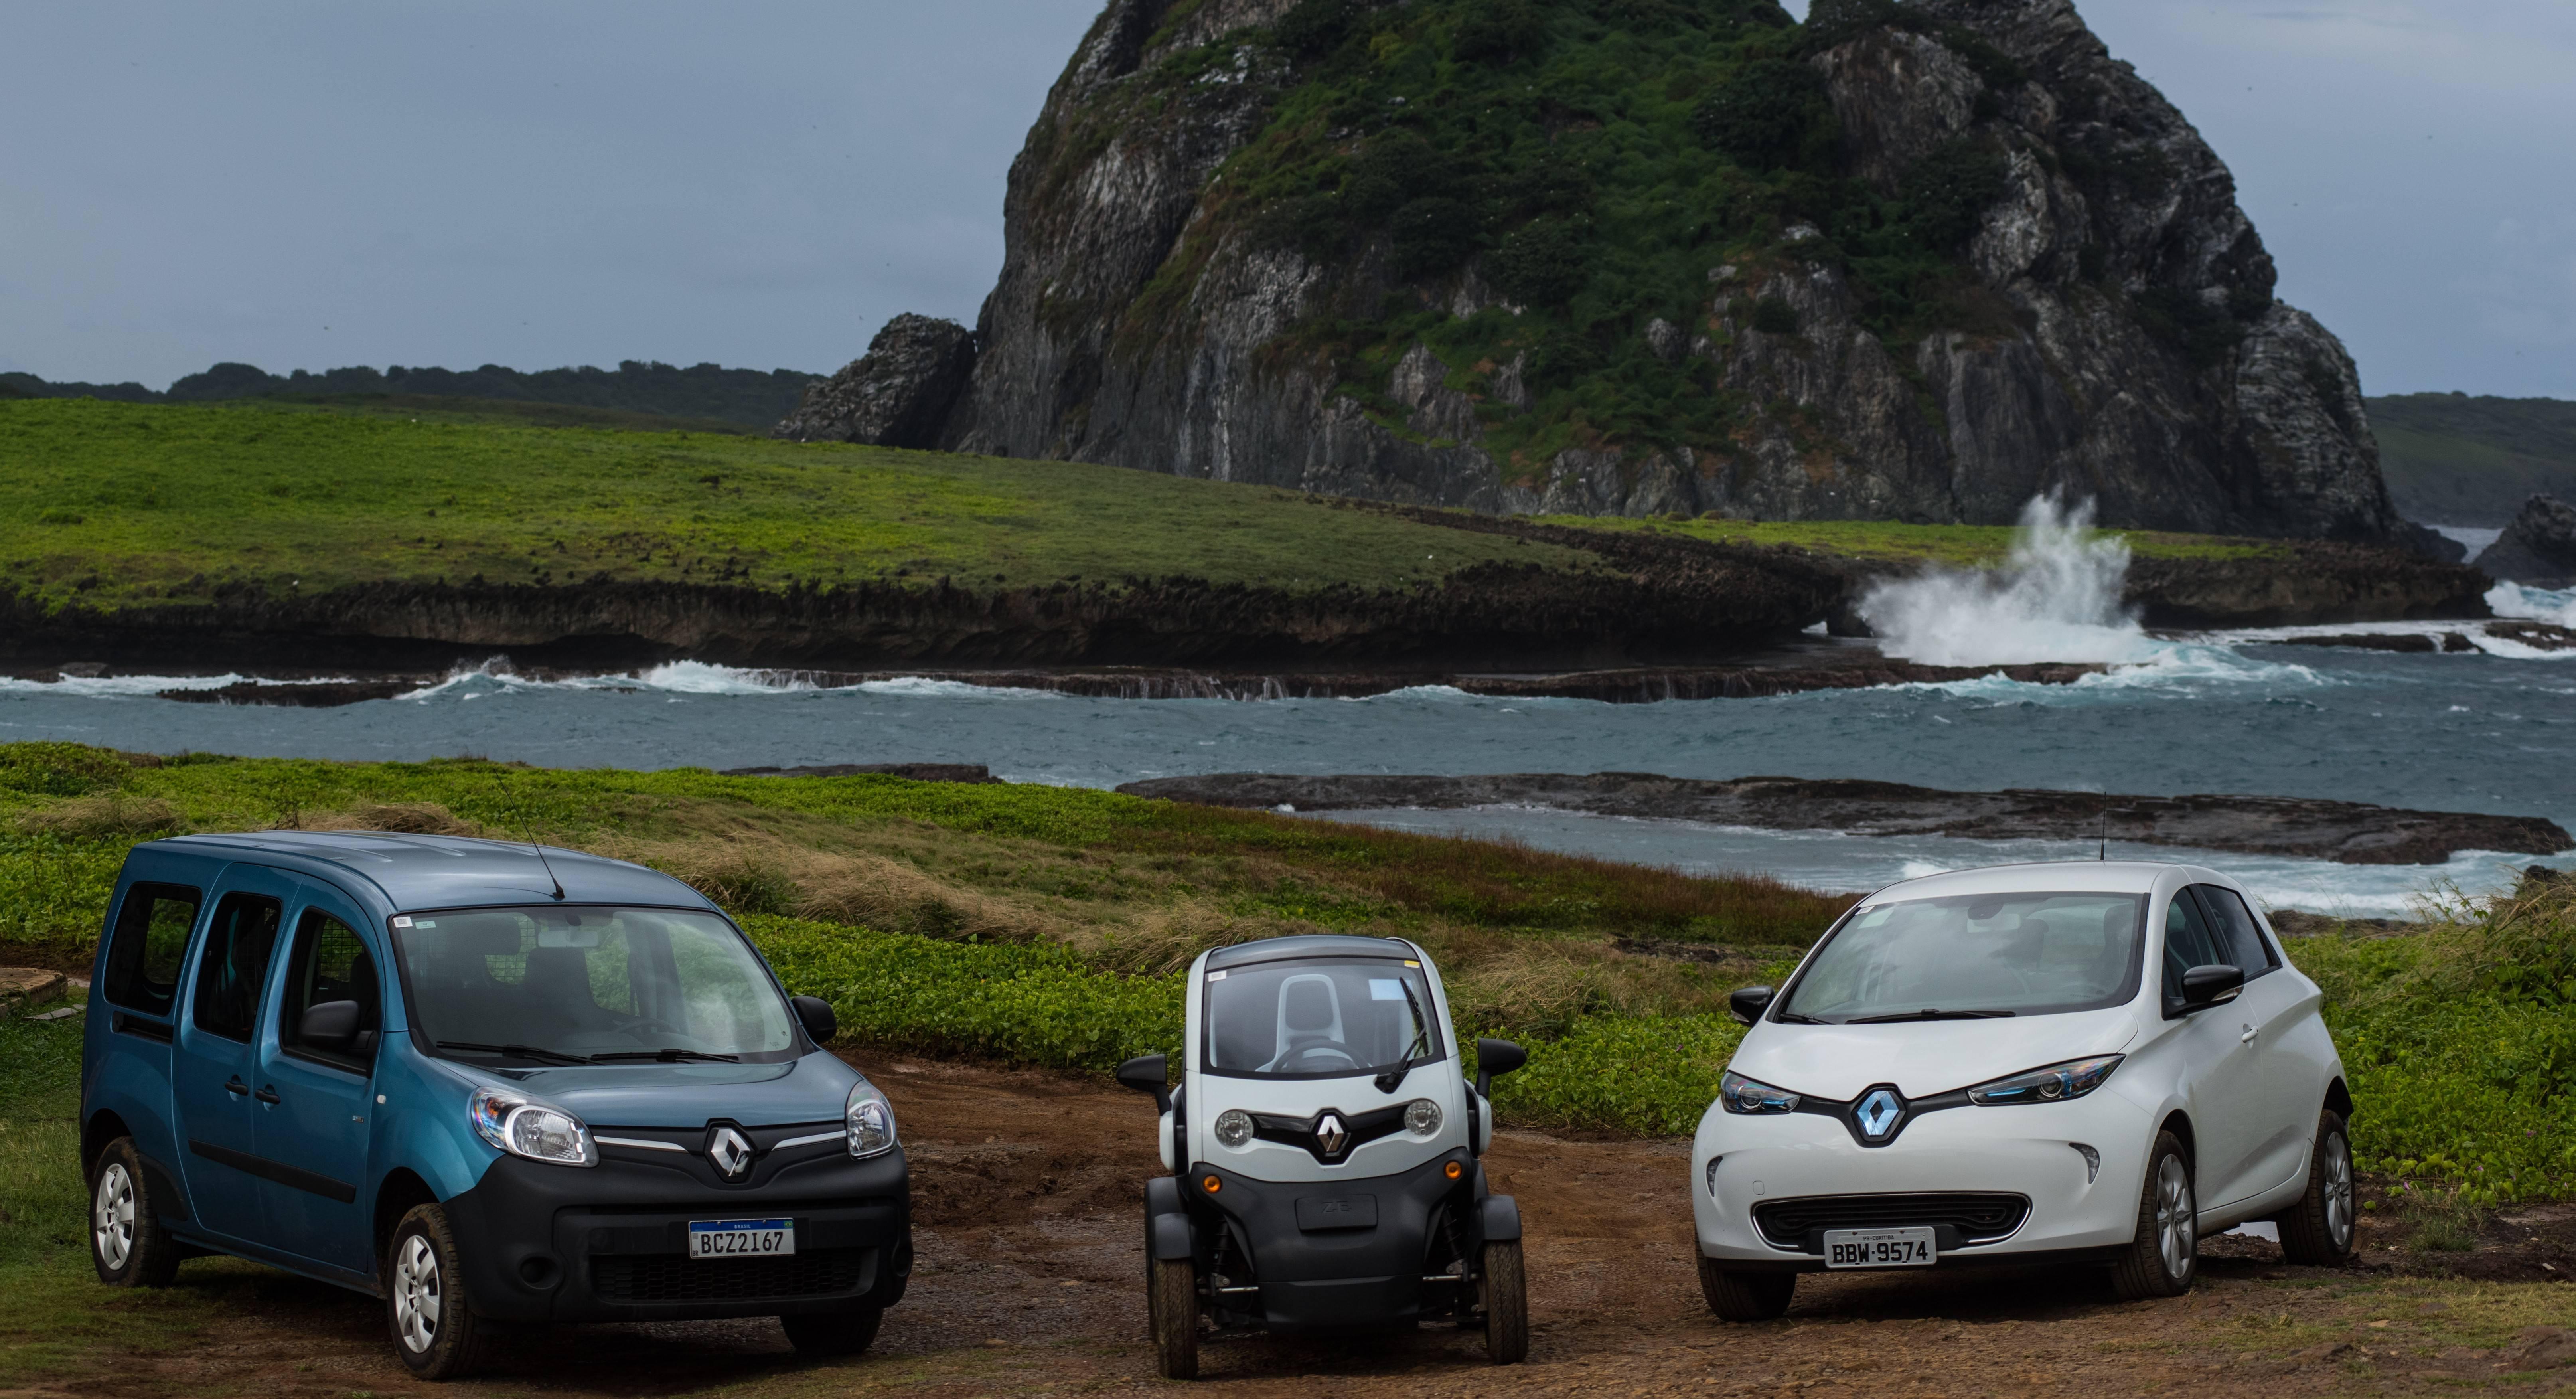 Kangoo Z.E., Twizy e Zoe serão usados em Fernando de Noronha. Foto: Zaira Matheus/ Renault/ Divulgação